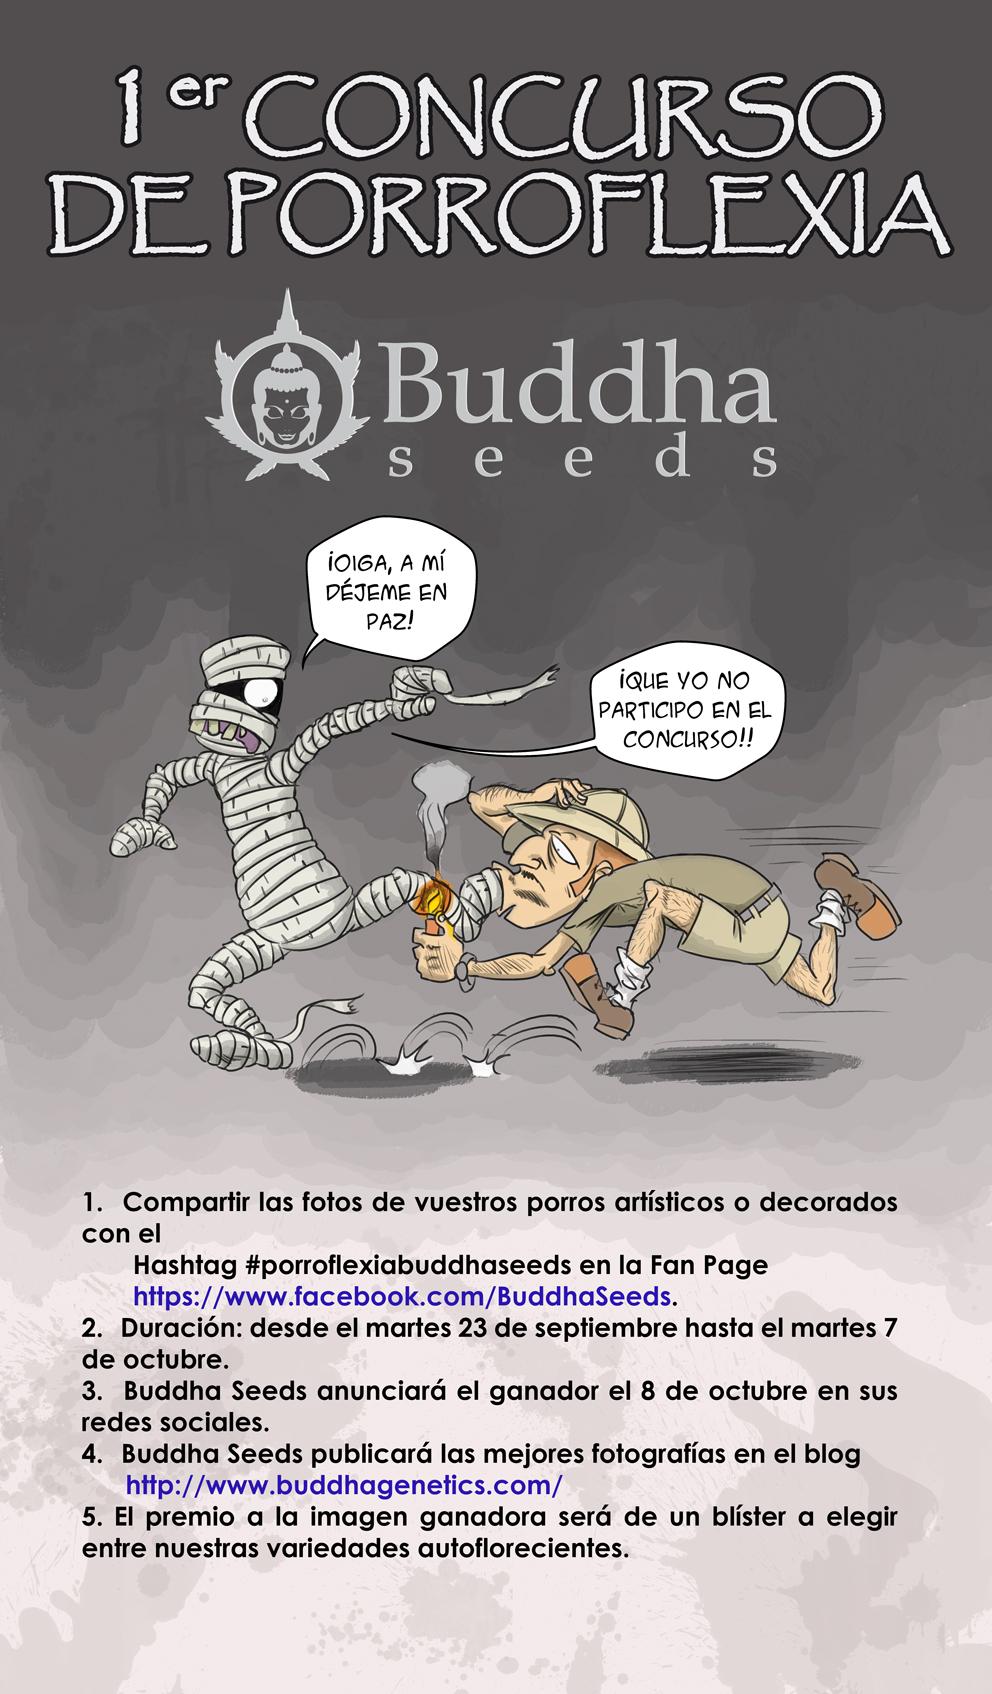 Concurso de porroflexia Buddha Seeds